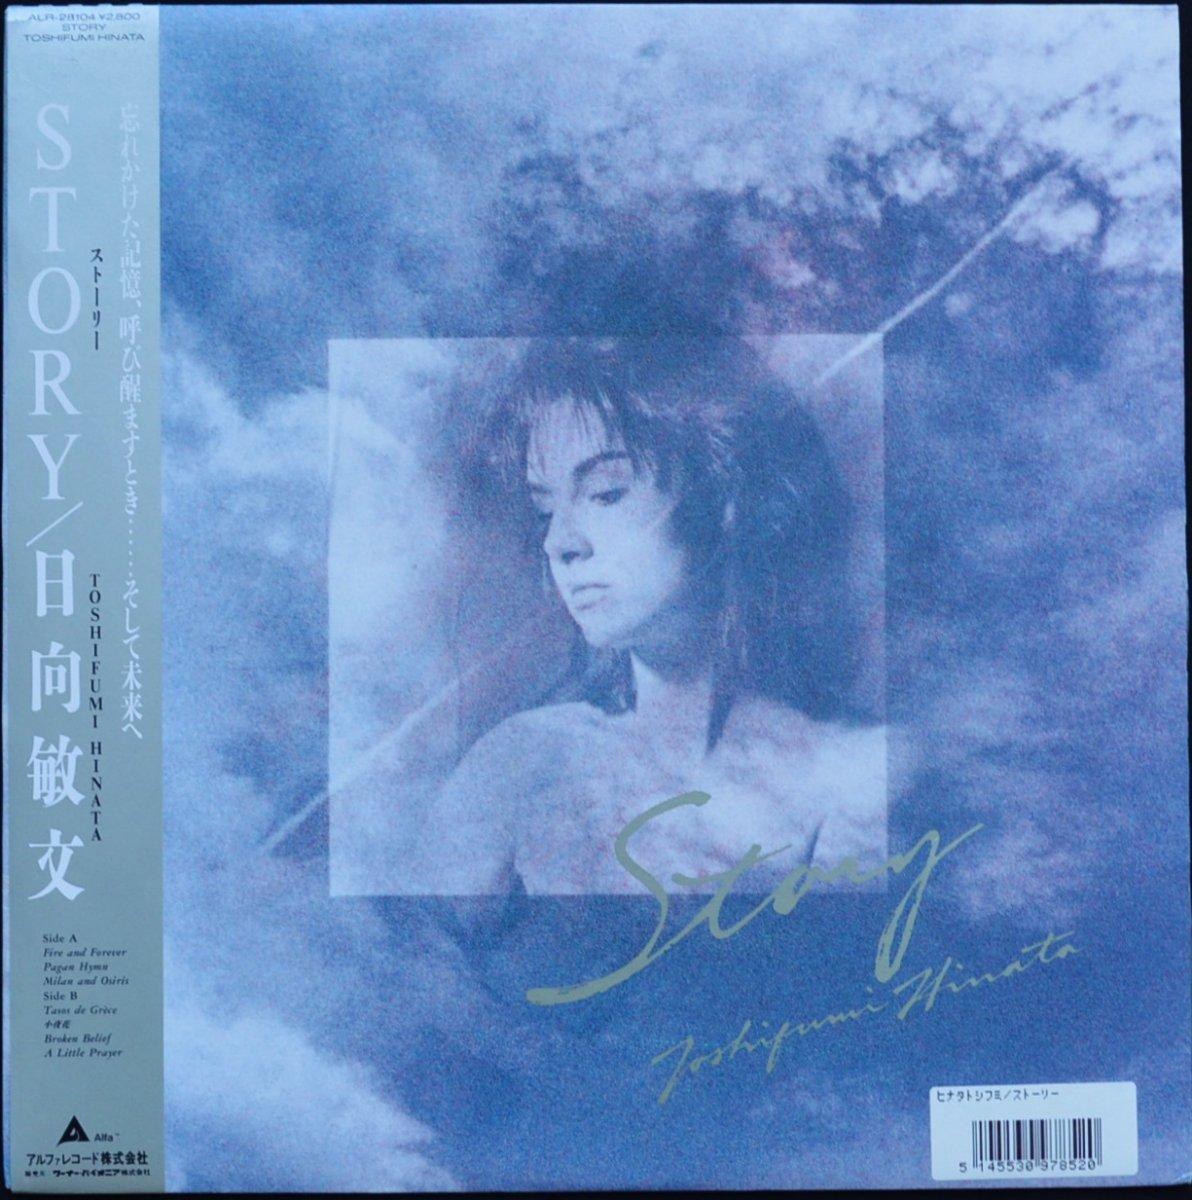 日向敏文 TOSHIFUMI HINATA / ストーリー STORY (LP)